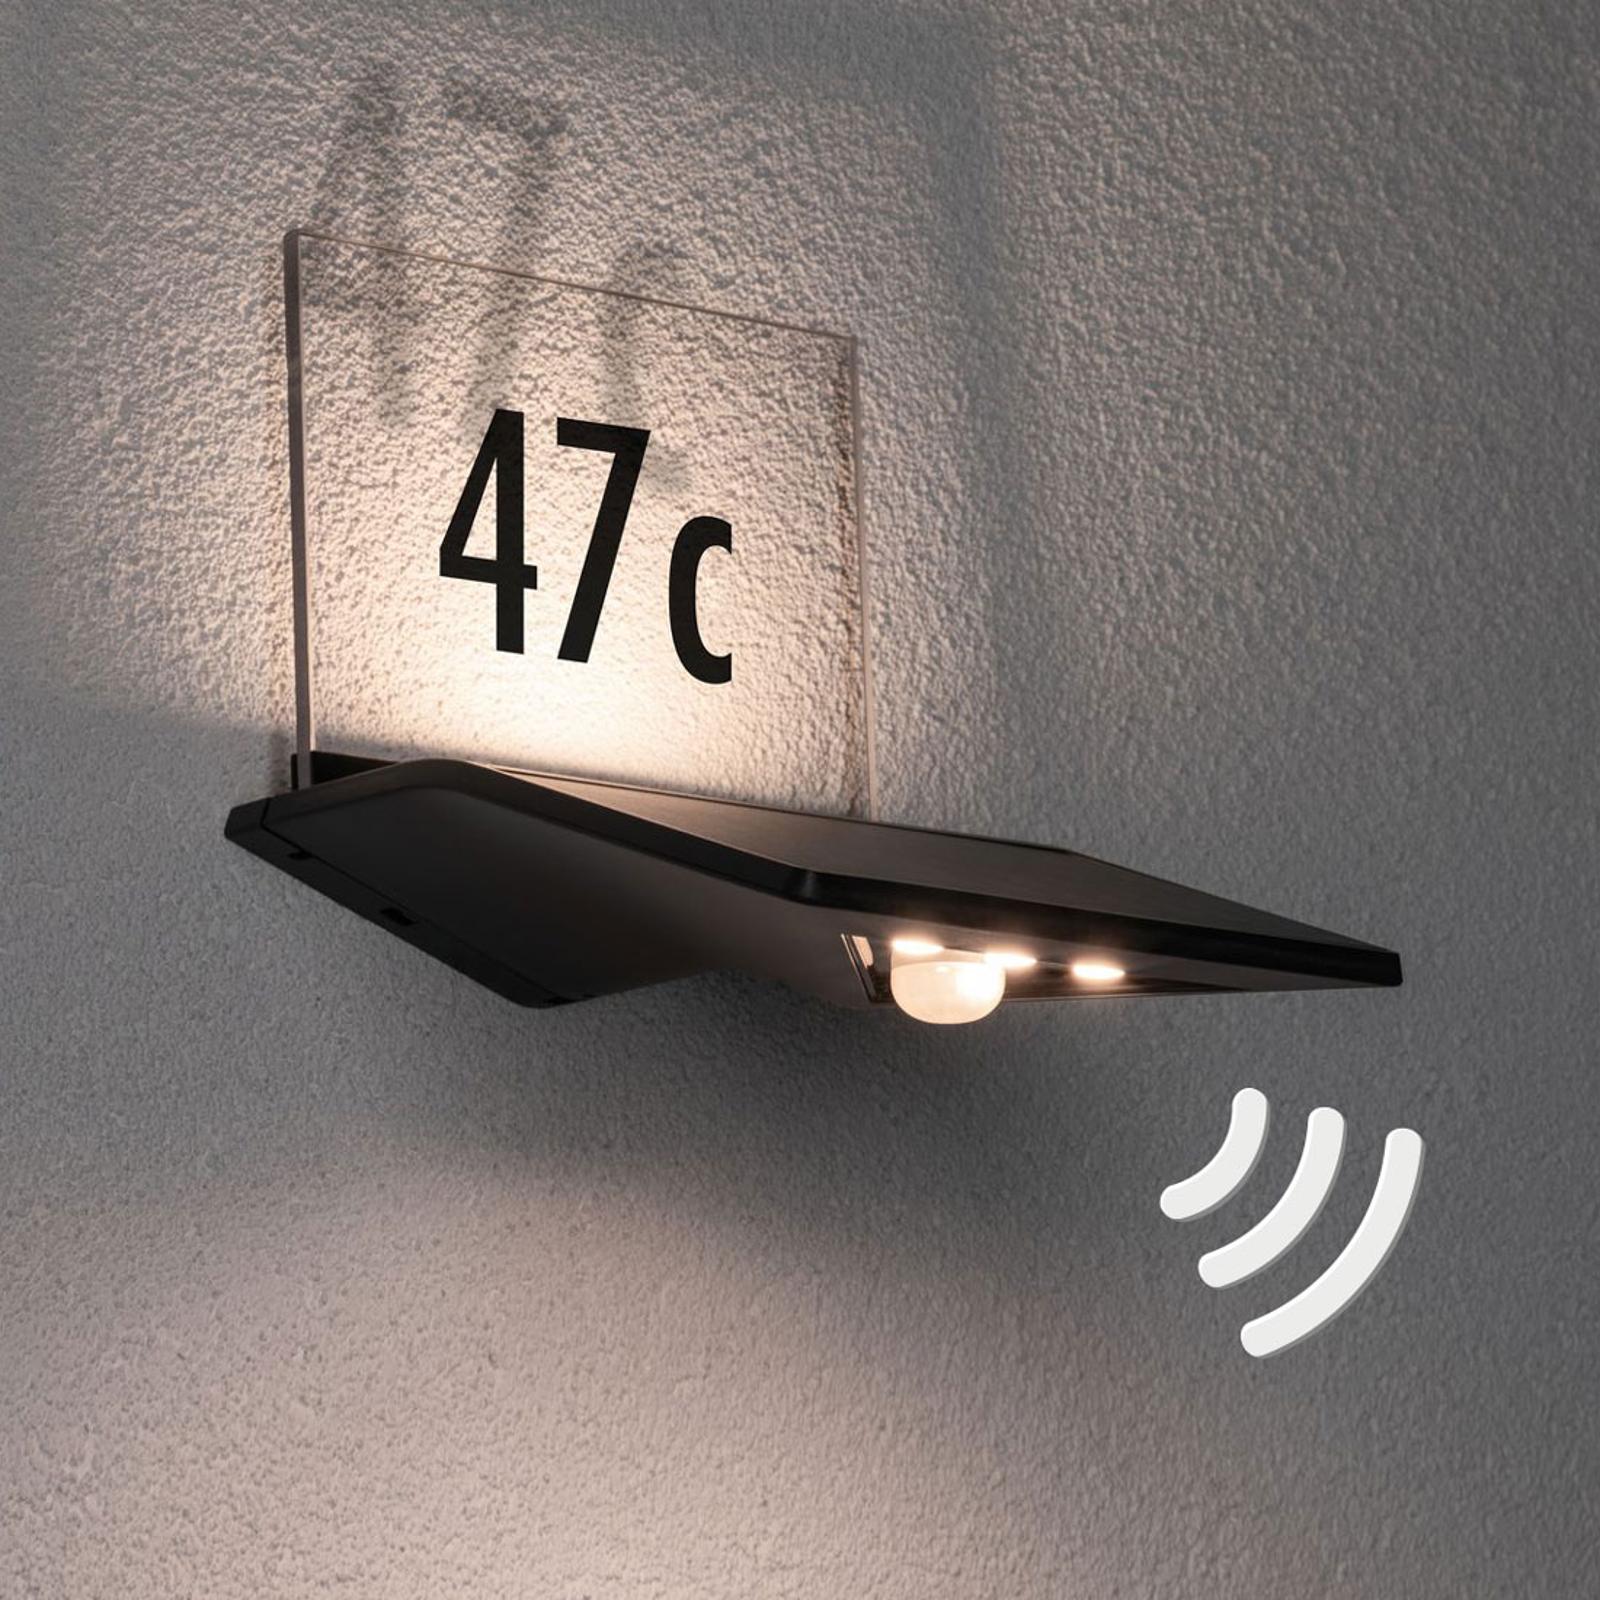 Paulmann solární světlo čísla domu Yoko, antracit